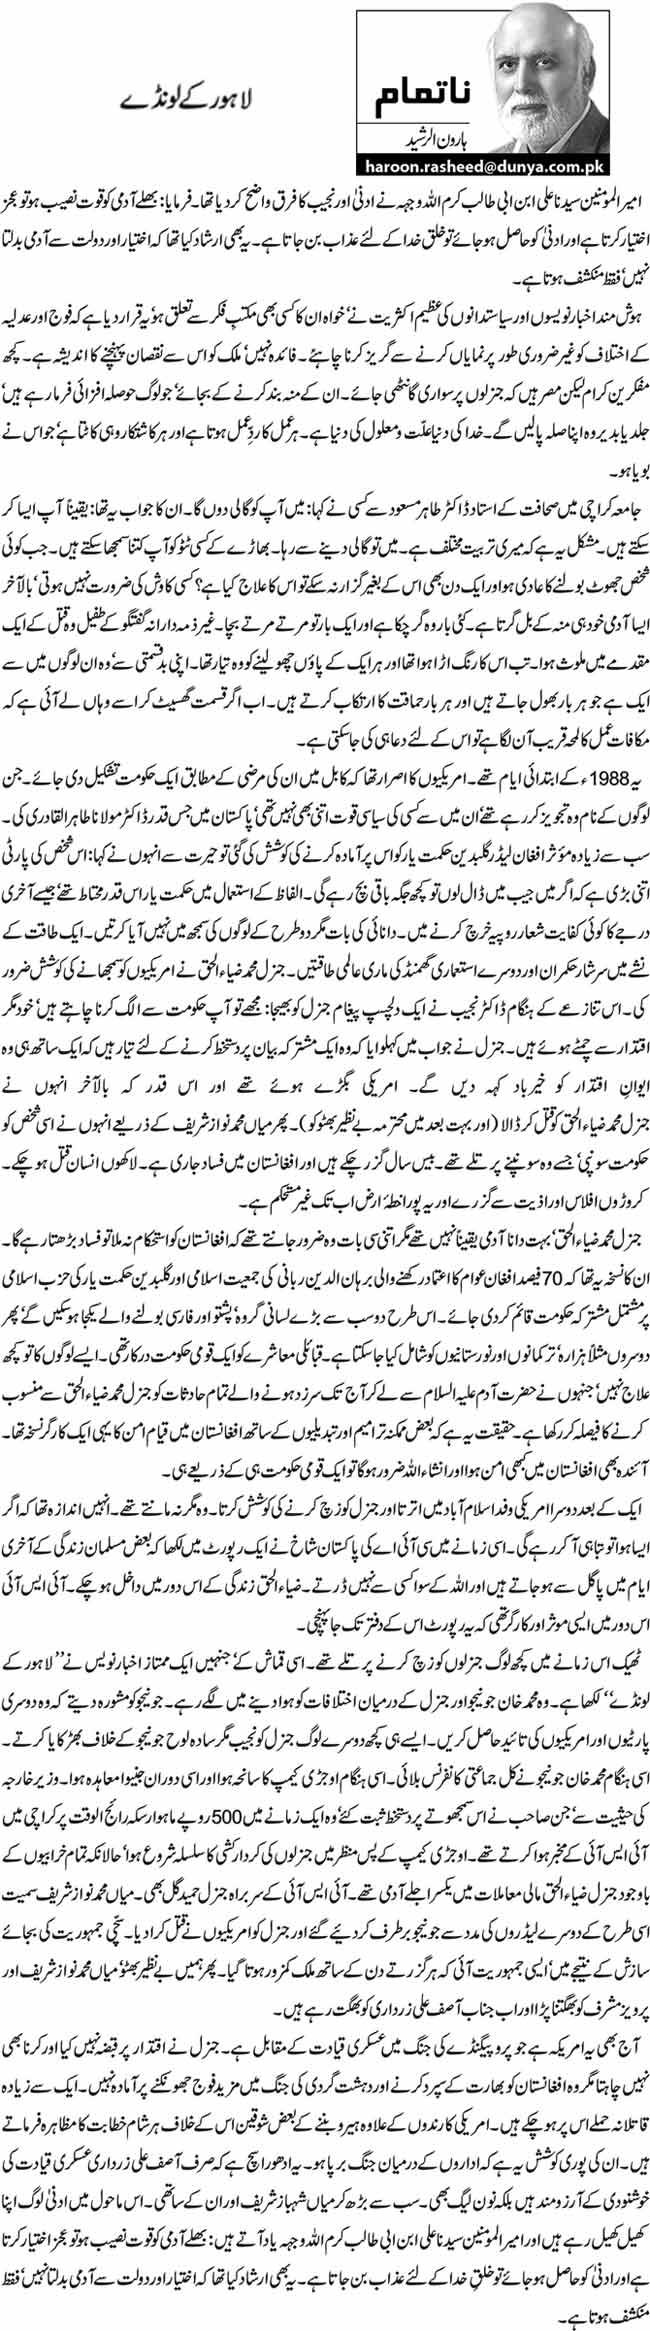 لاہور کے لونڈے